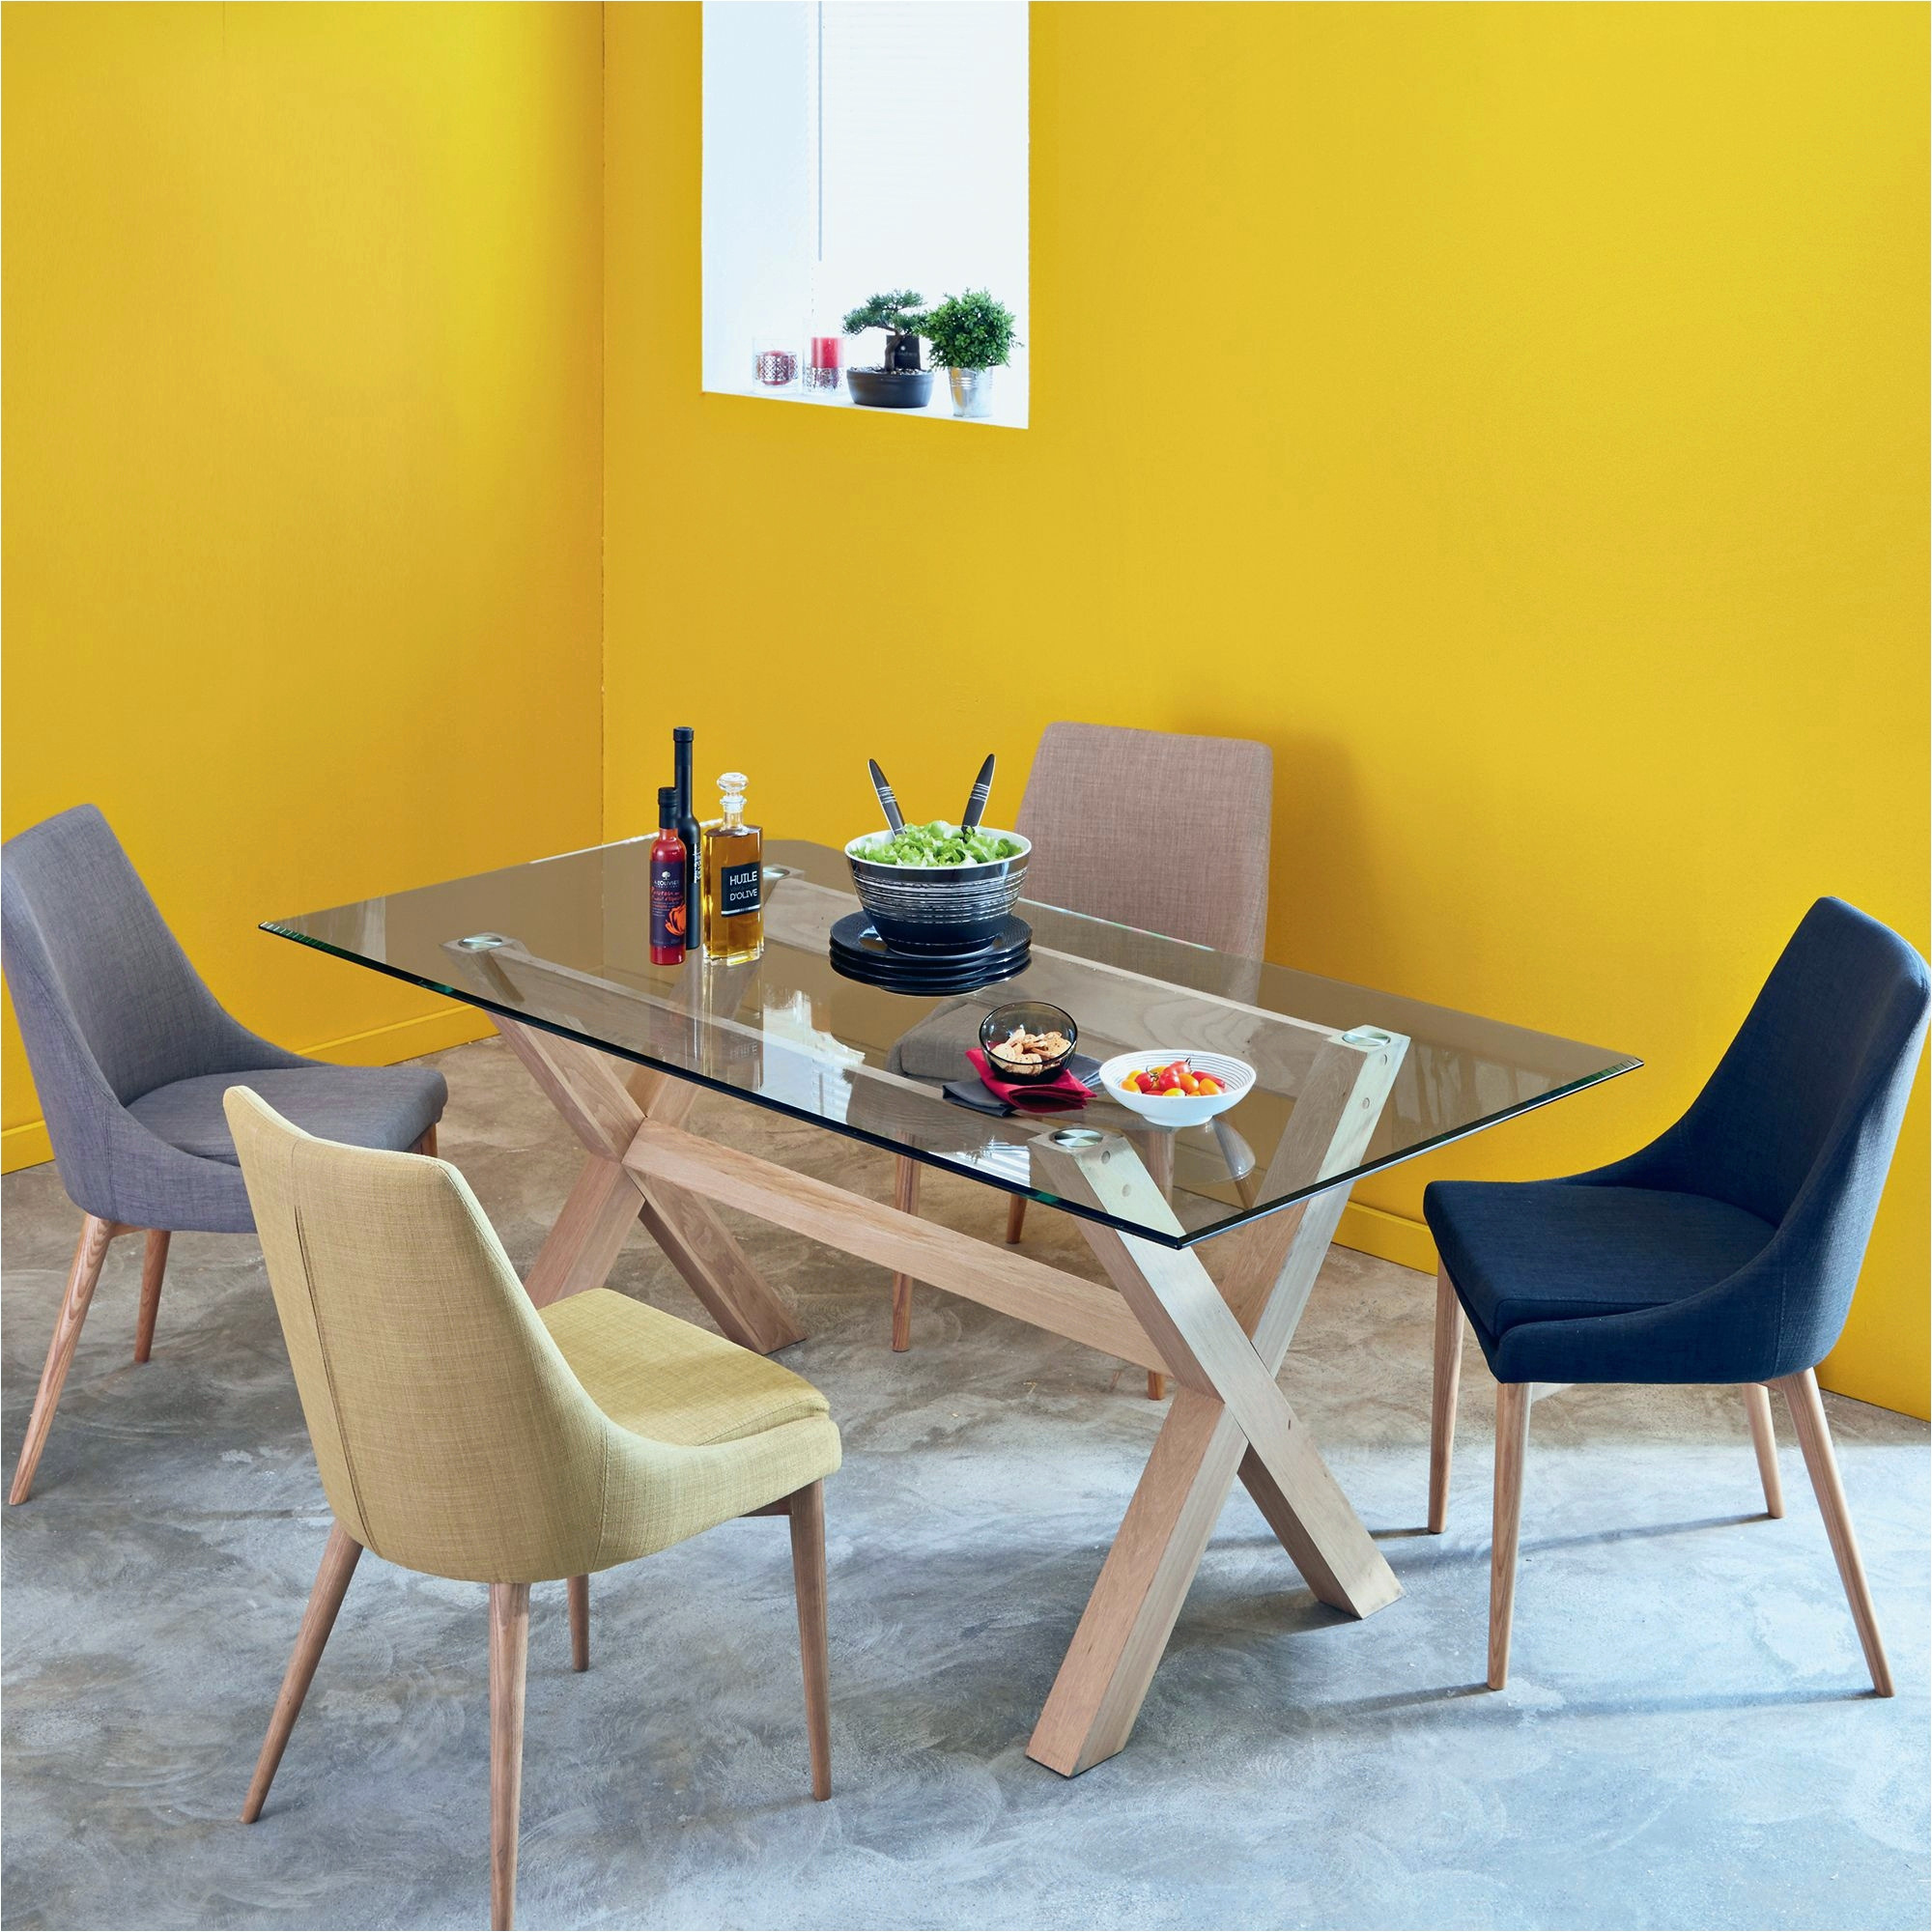 Table Pliante Carrefour Beau Photos Tabouret Carrefour Nouveau Table Et Chaise Pliante Chaise Pliante